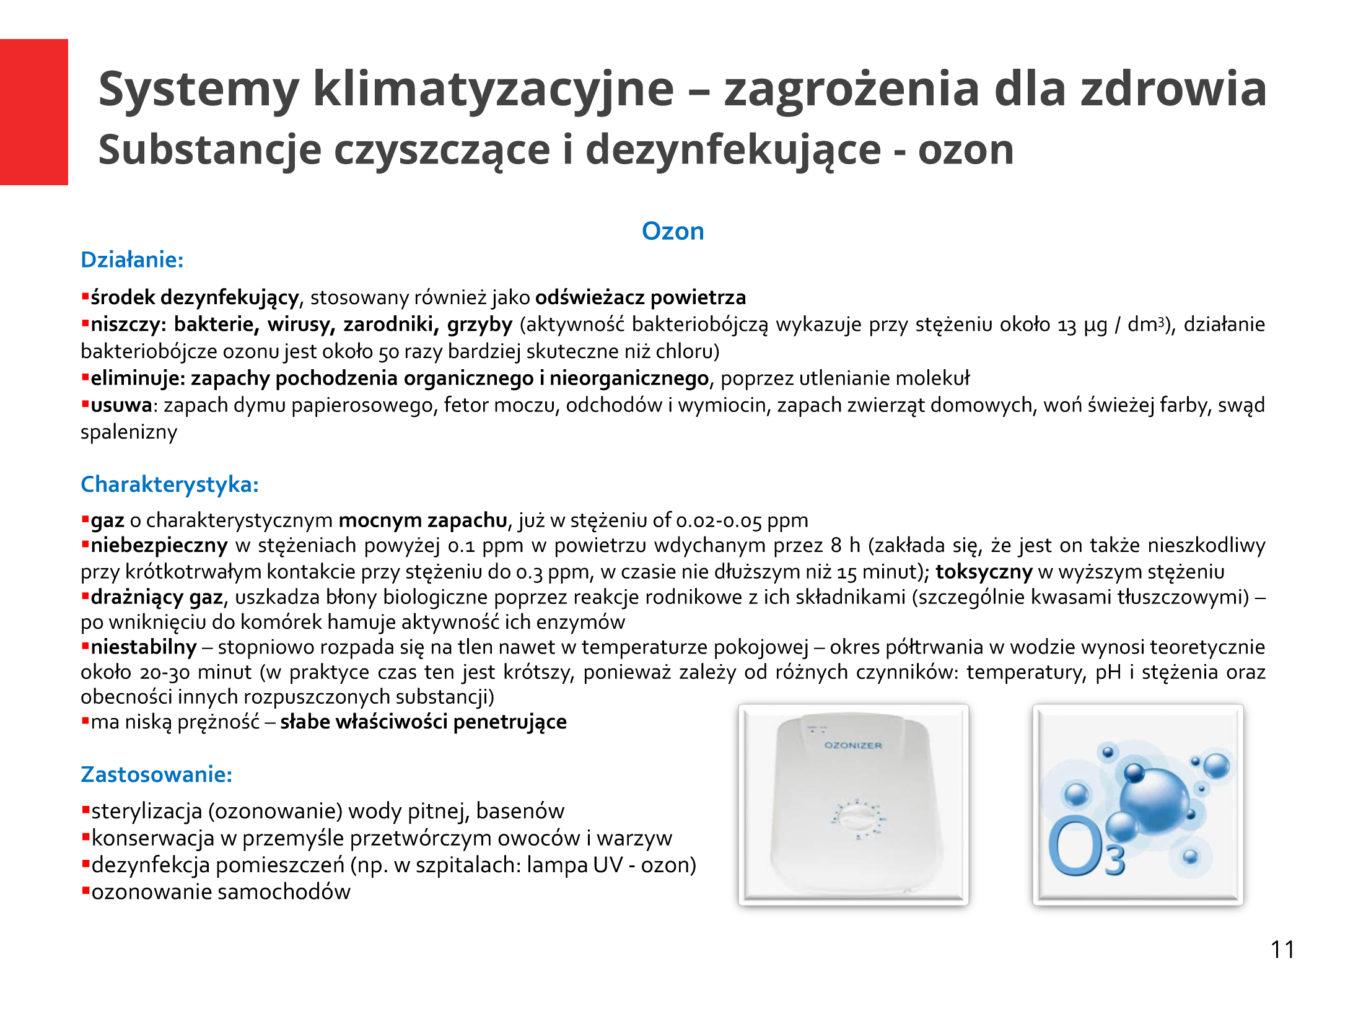 Ochrona przed wirusami grypowymi / koronowirusem oraz bakteriami i grzybami